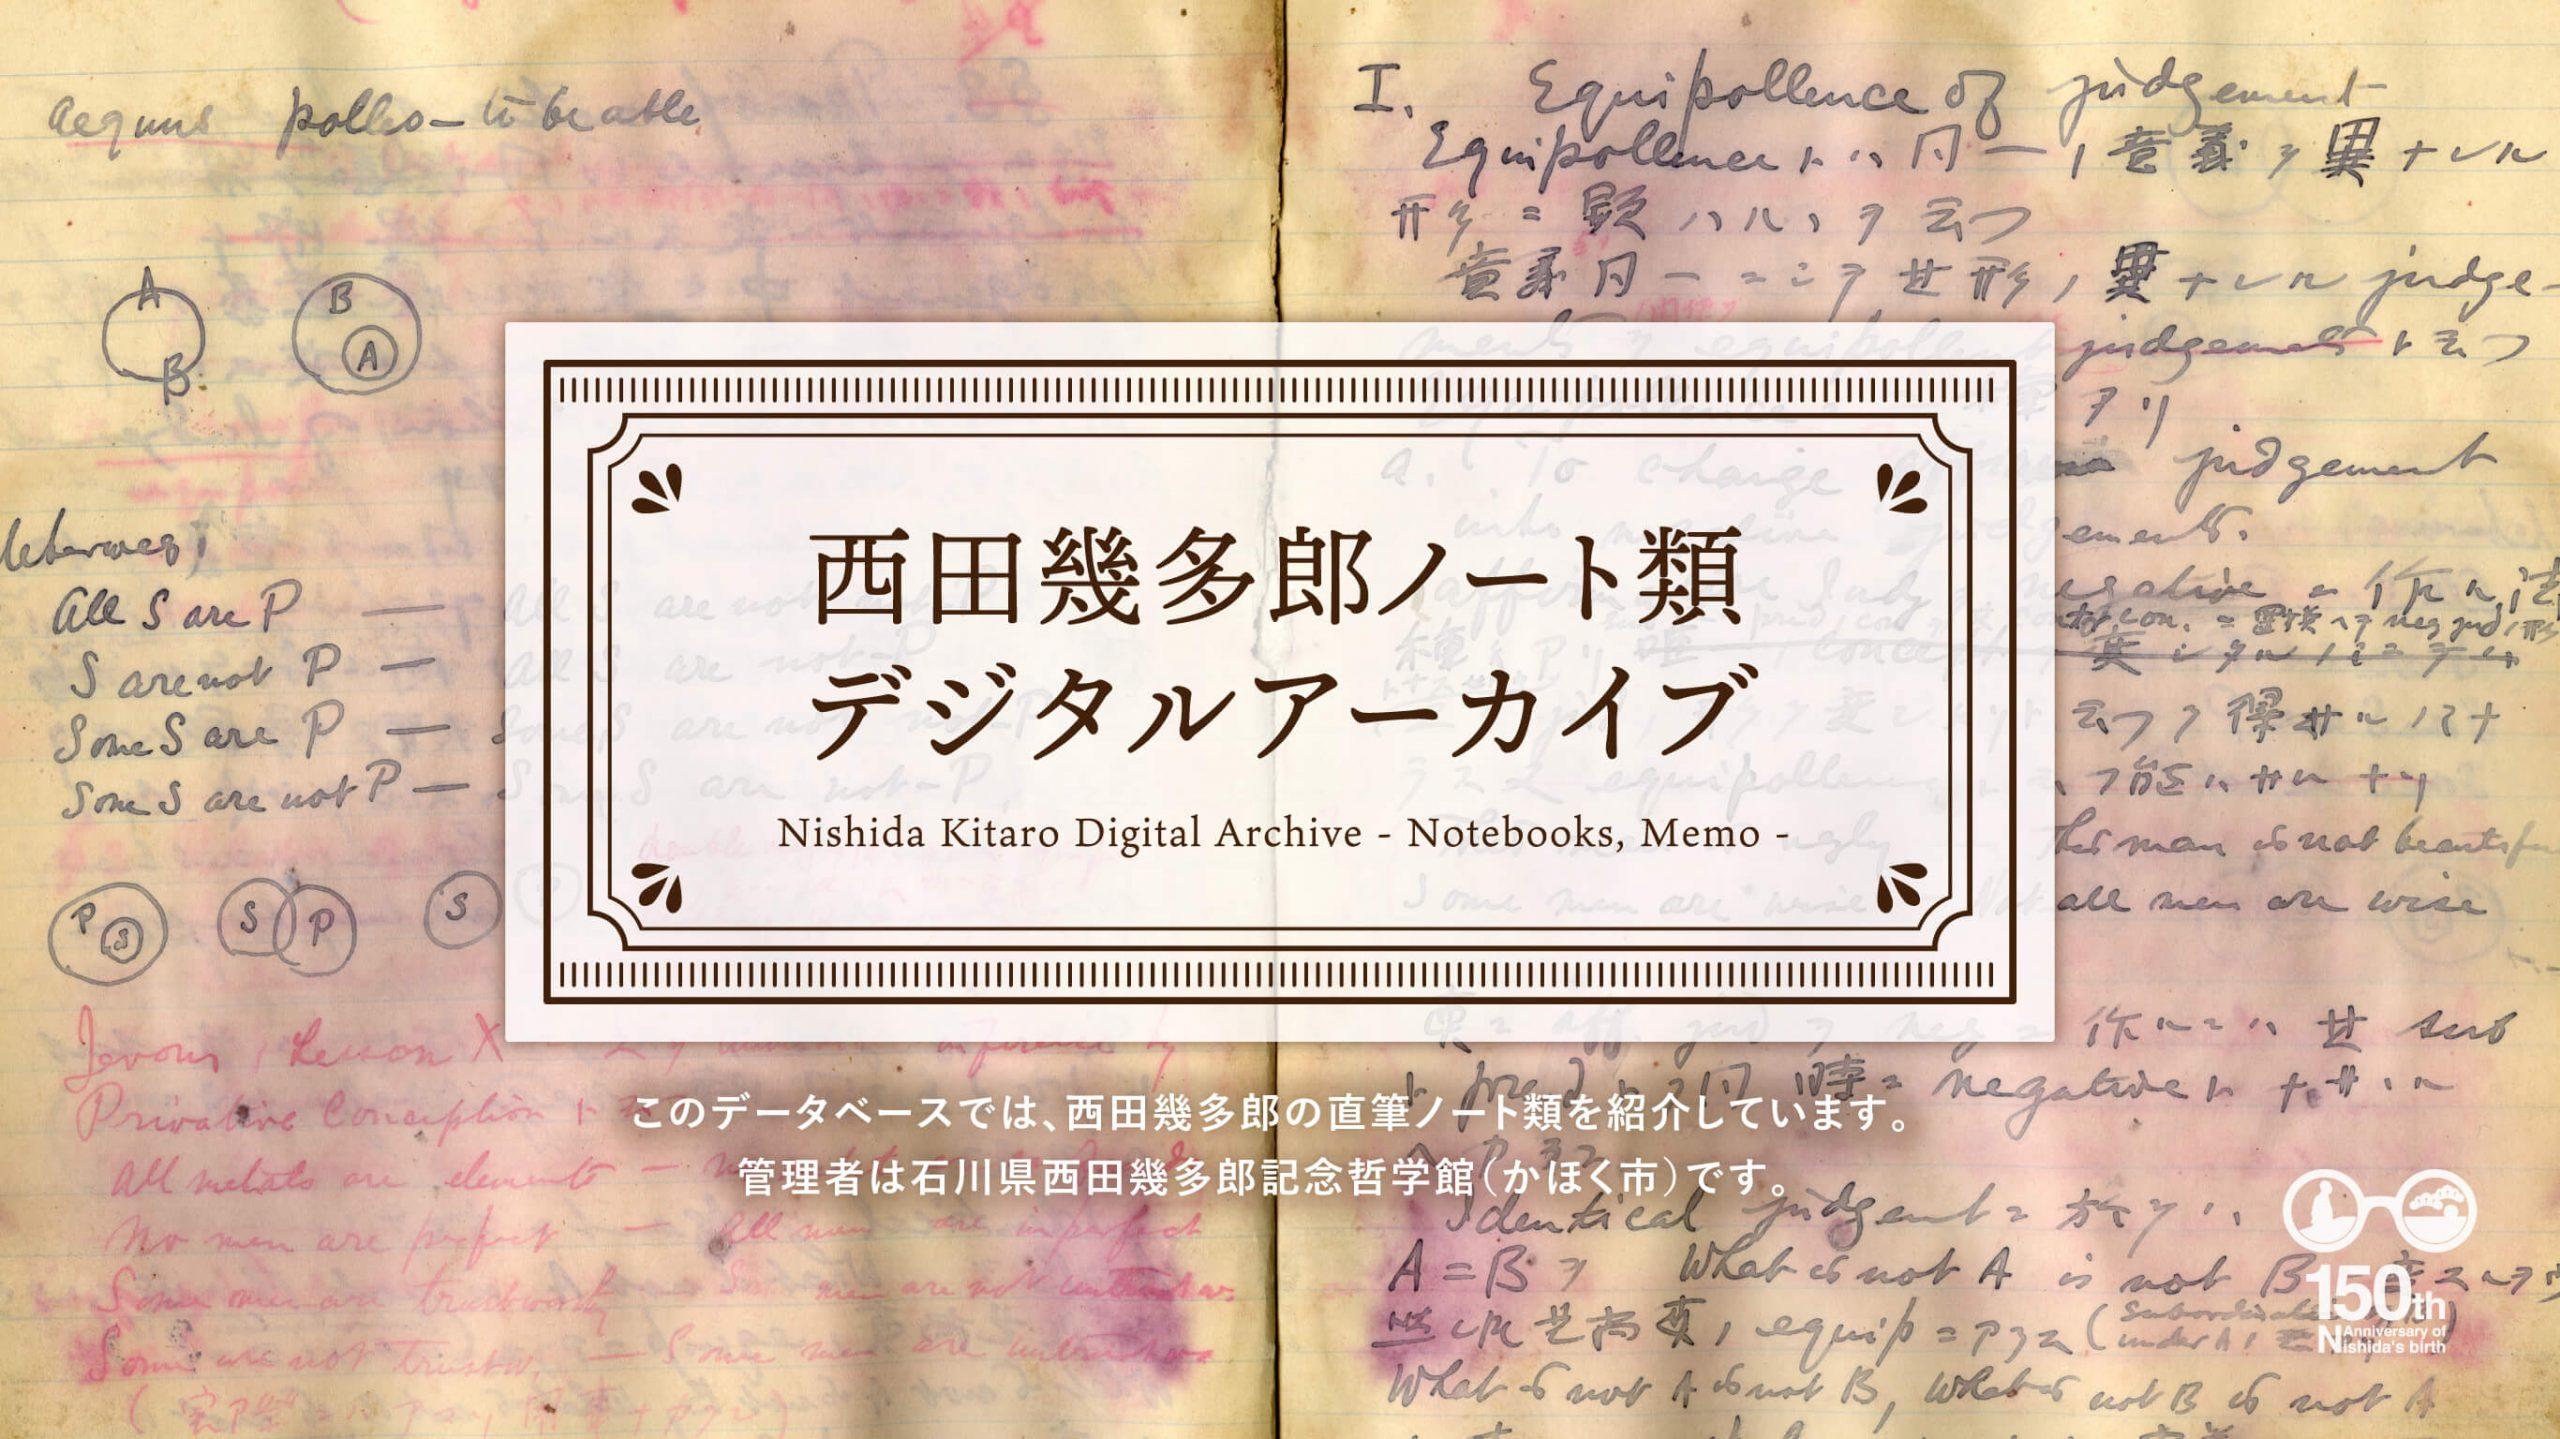 西田幾多郎ノート類デジタルアーカイブ